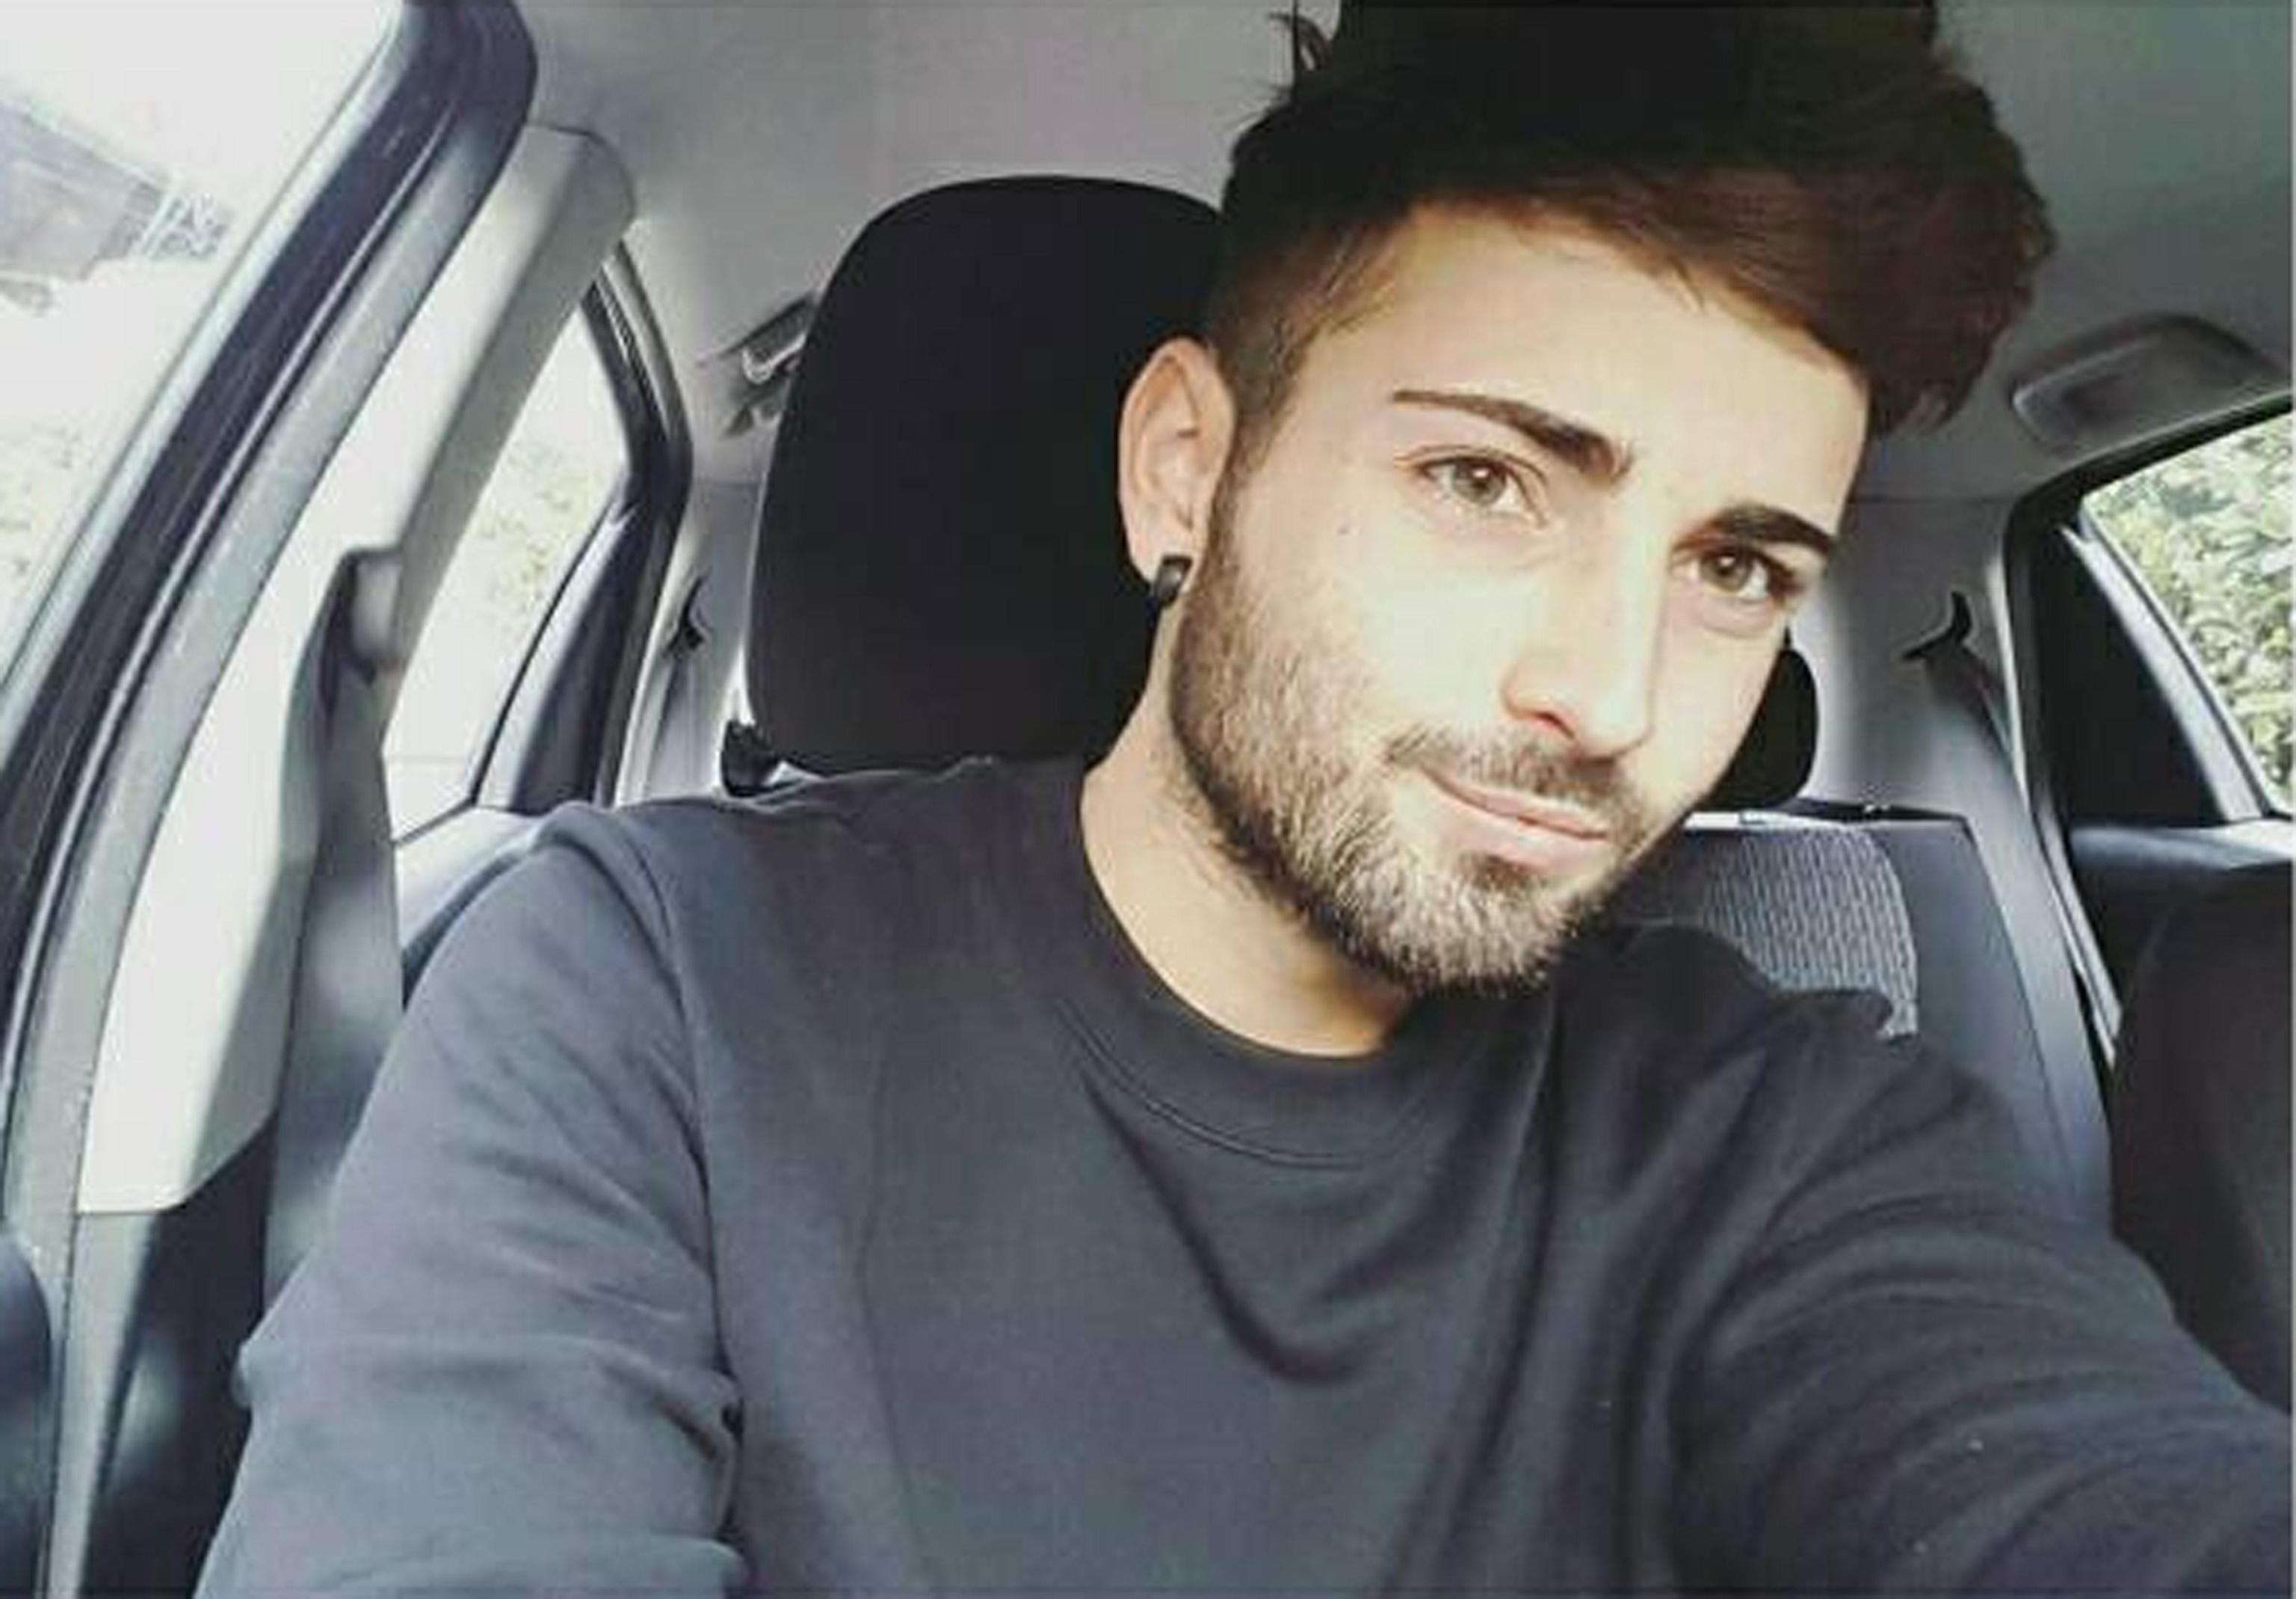 Niccolò Ciatti ucciso a Lloret de Mar, il video dell'aggressione mortale al giovane italiano